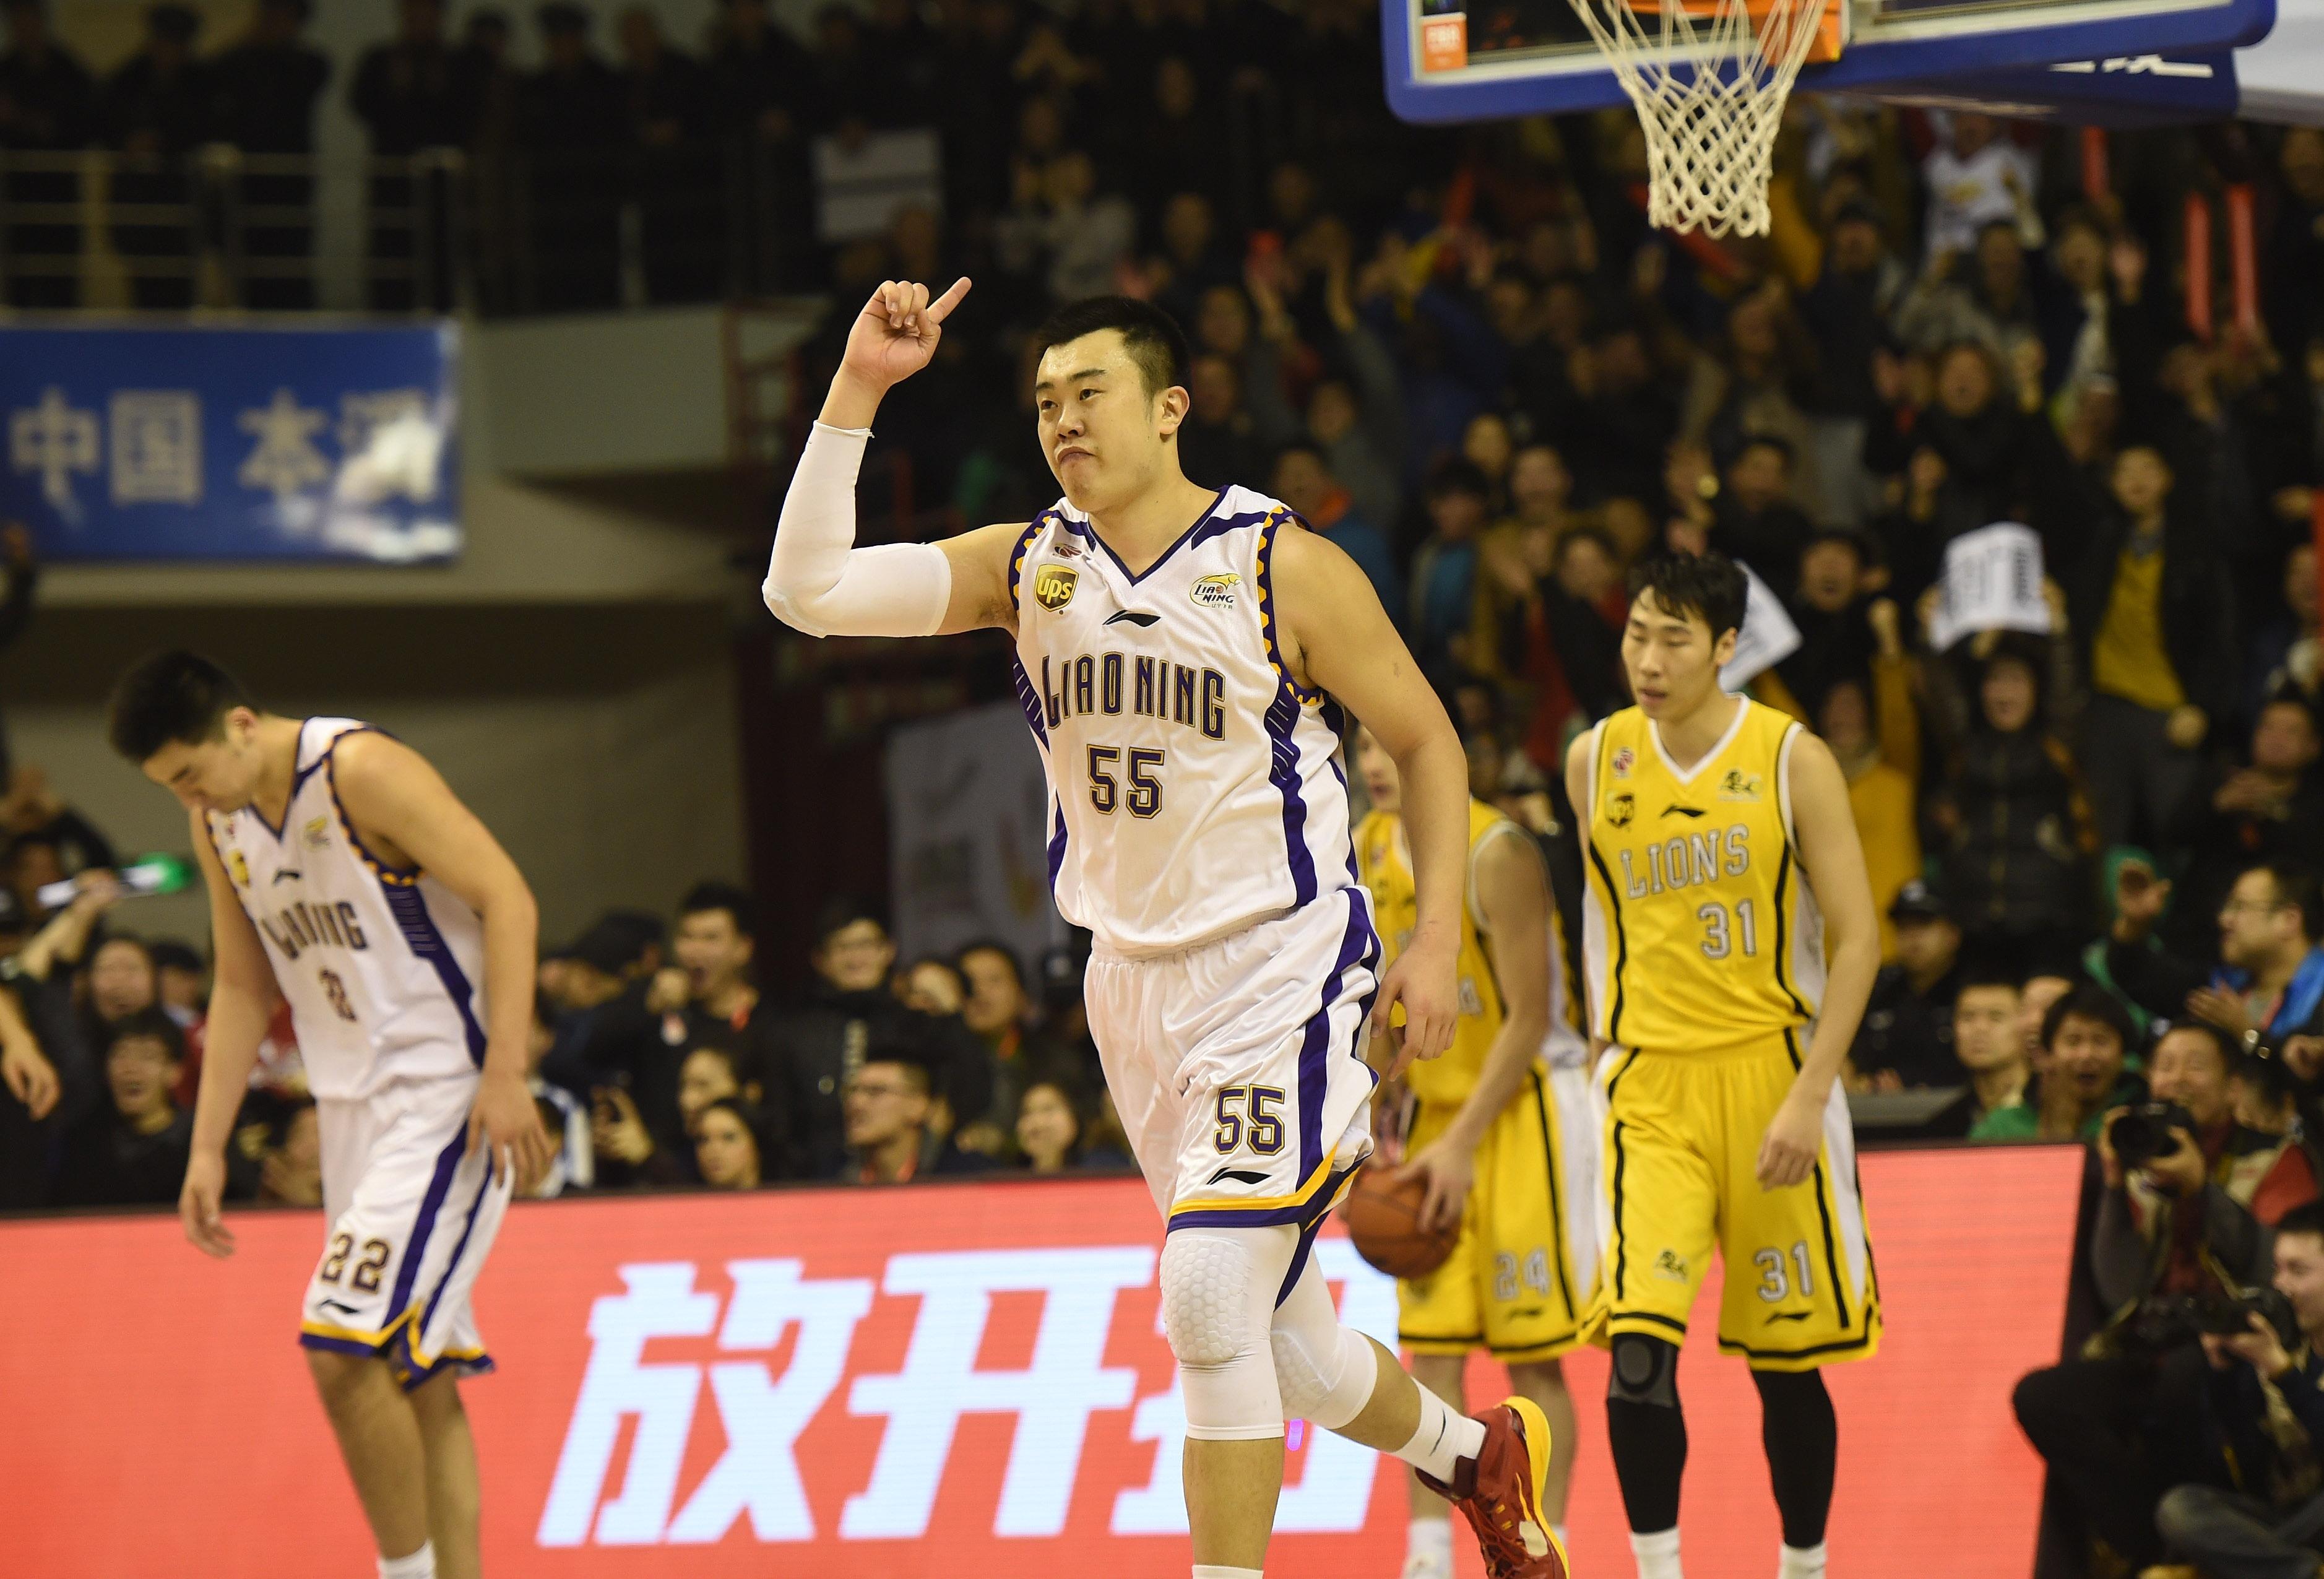 锋线上北京队的莫里斯能力上略优于辽宁队的汤普森,但辽宁队的李晓旭